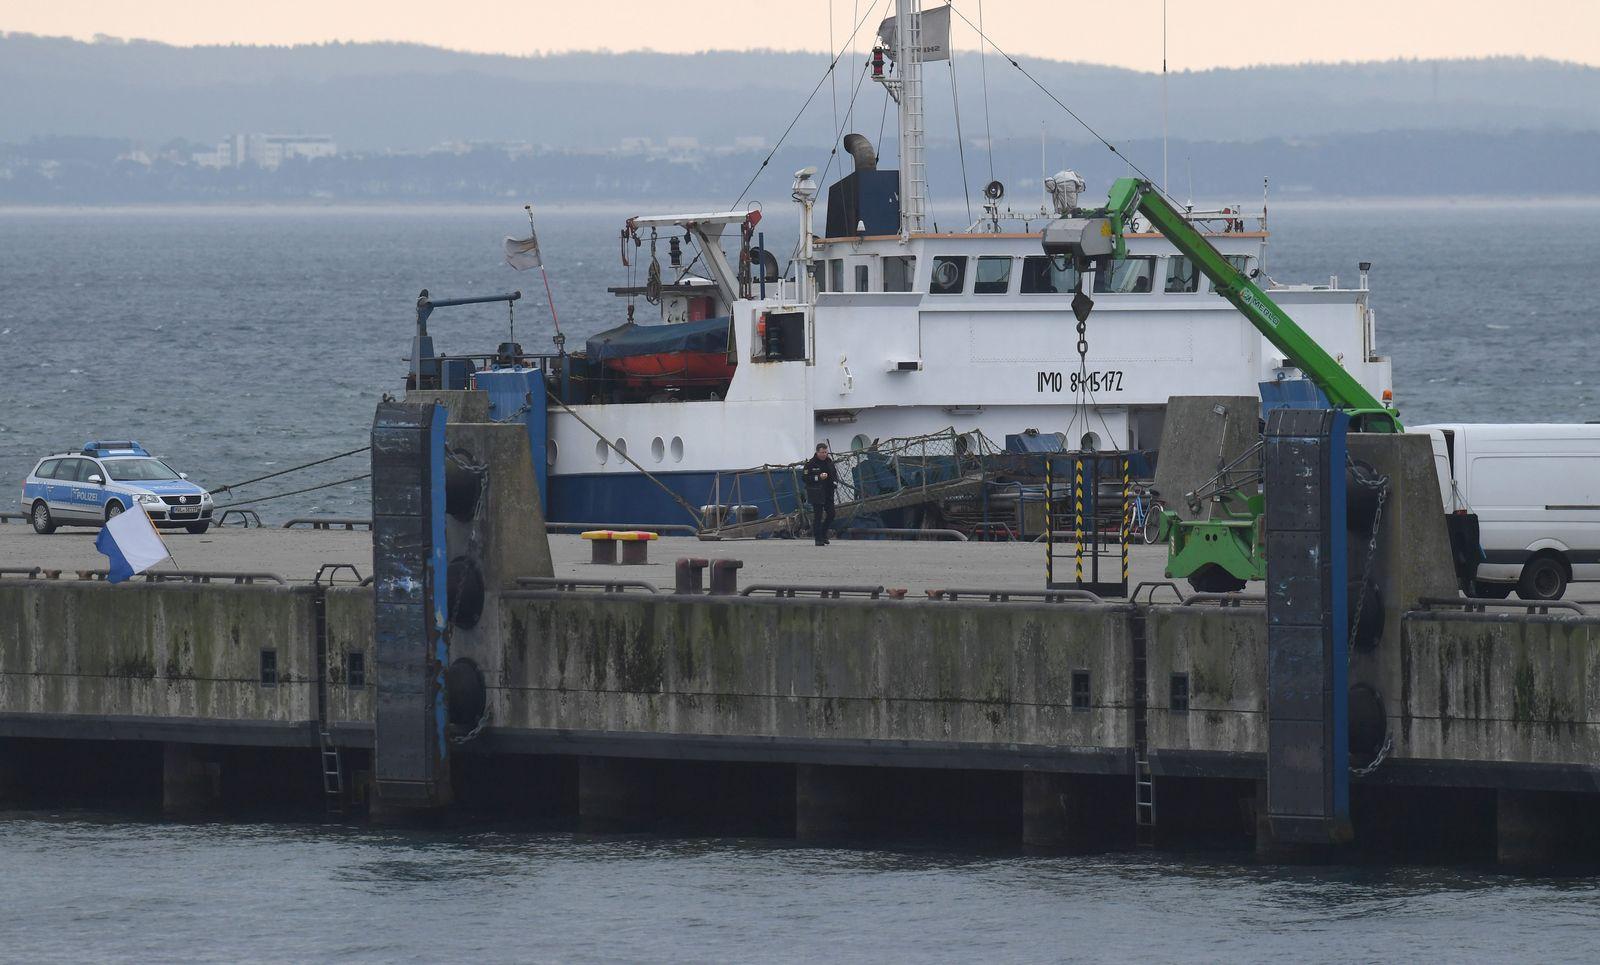 Schiffsunfall vor der Insel Rügen